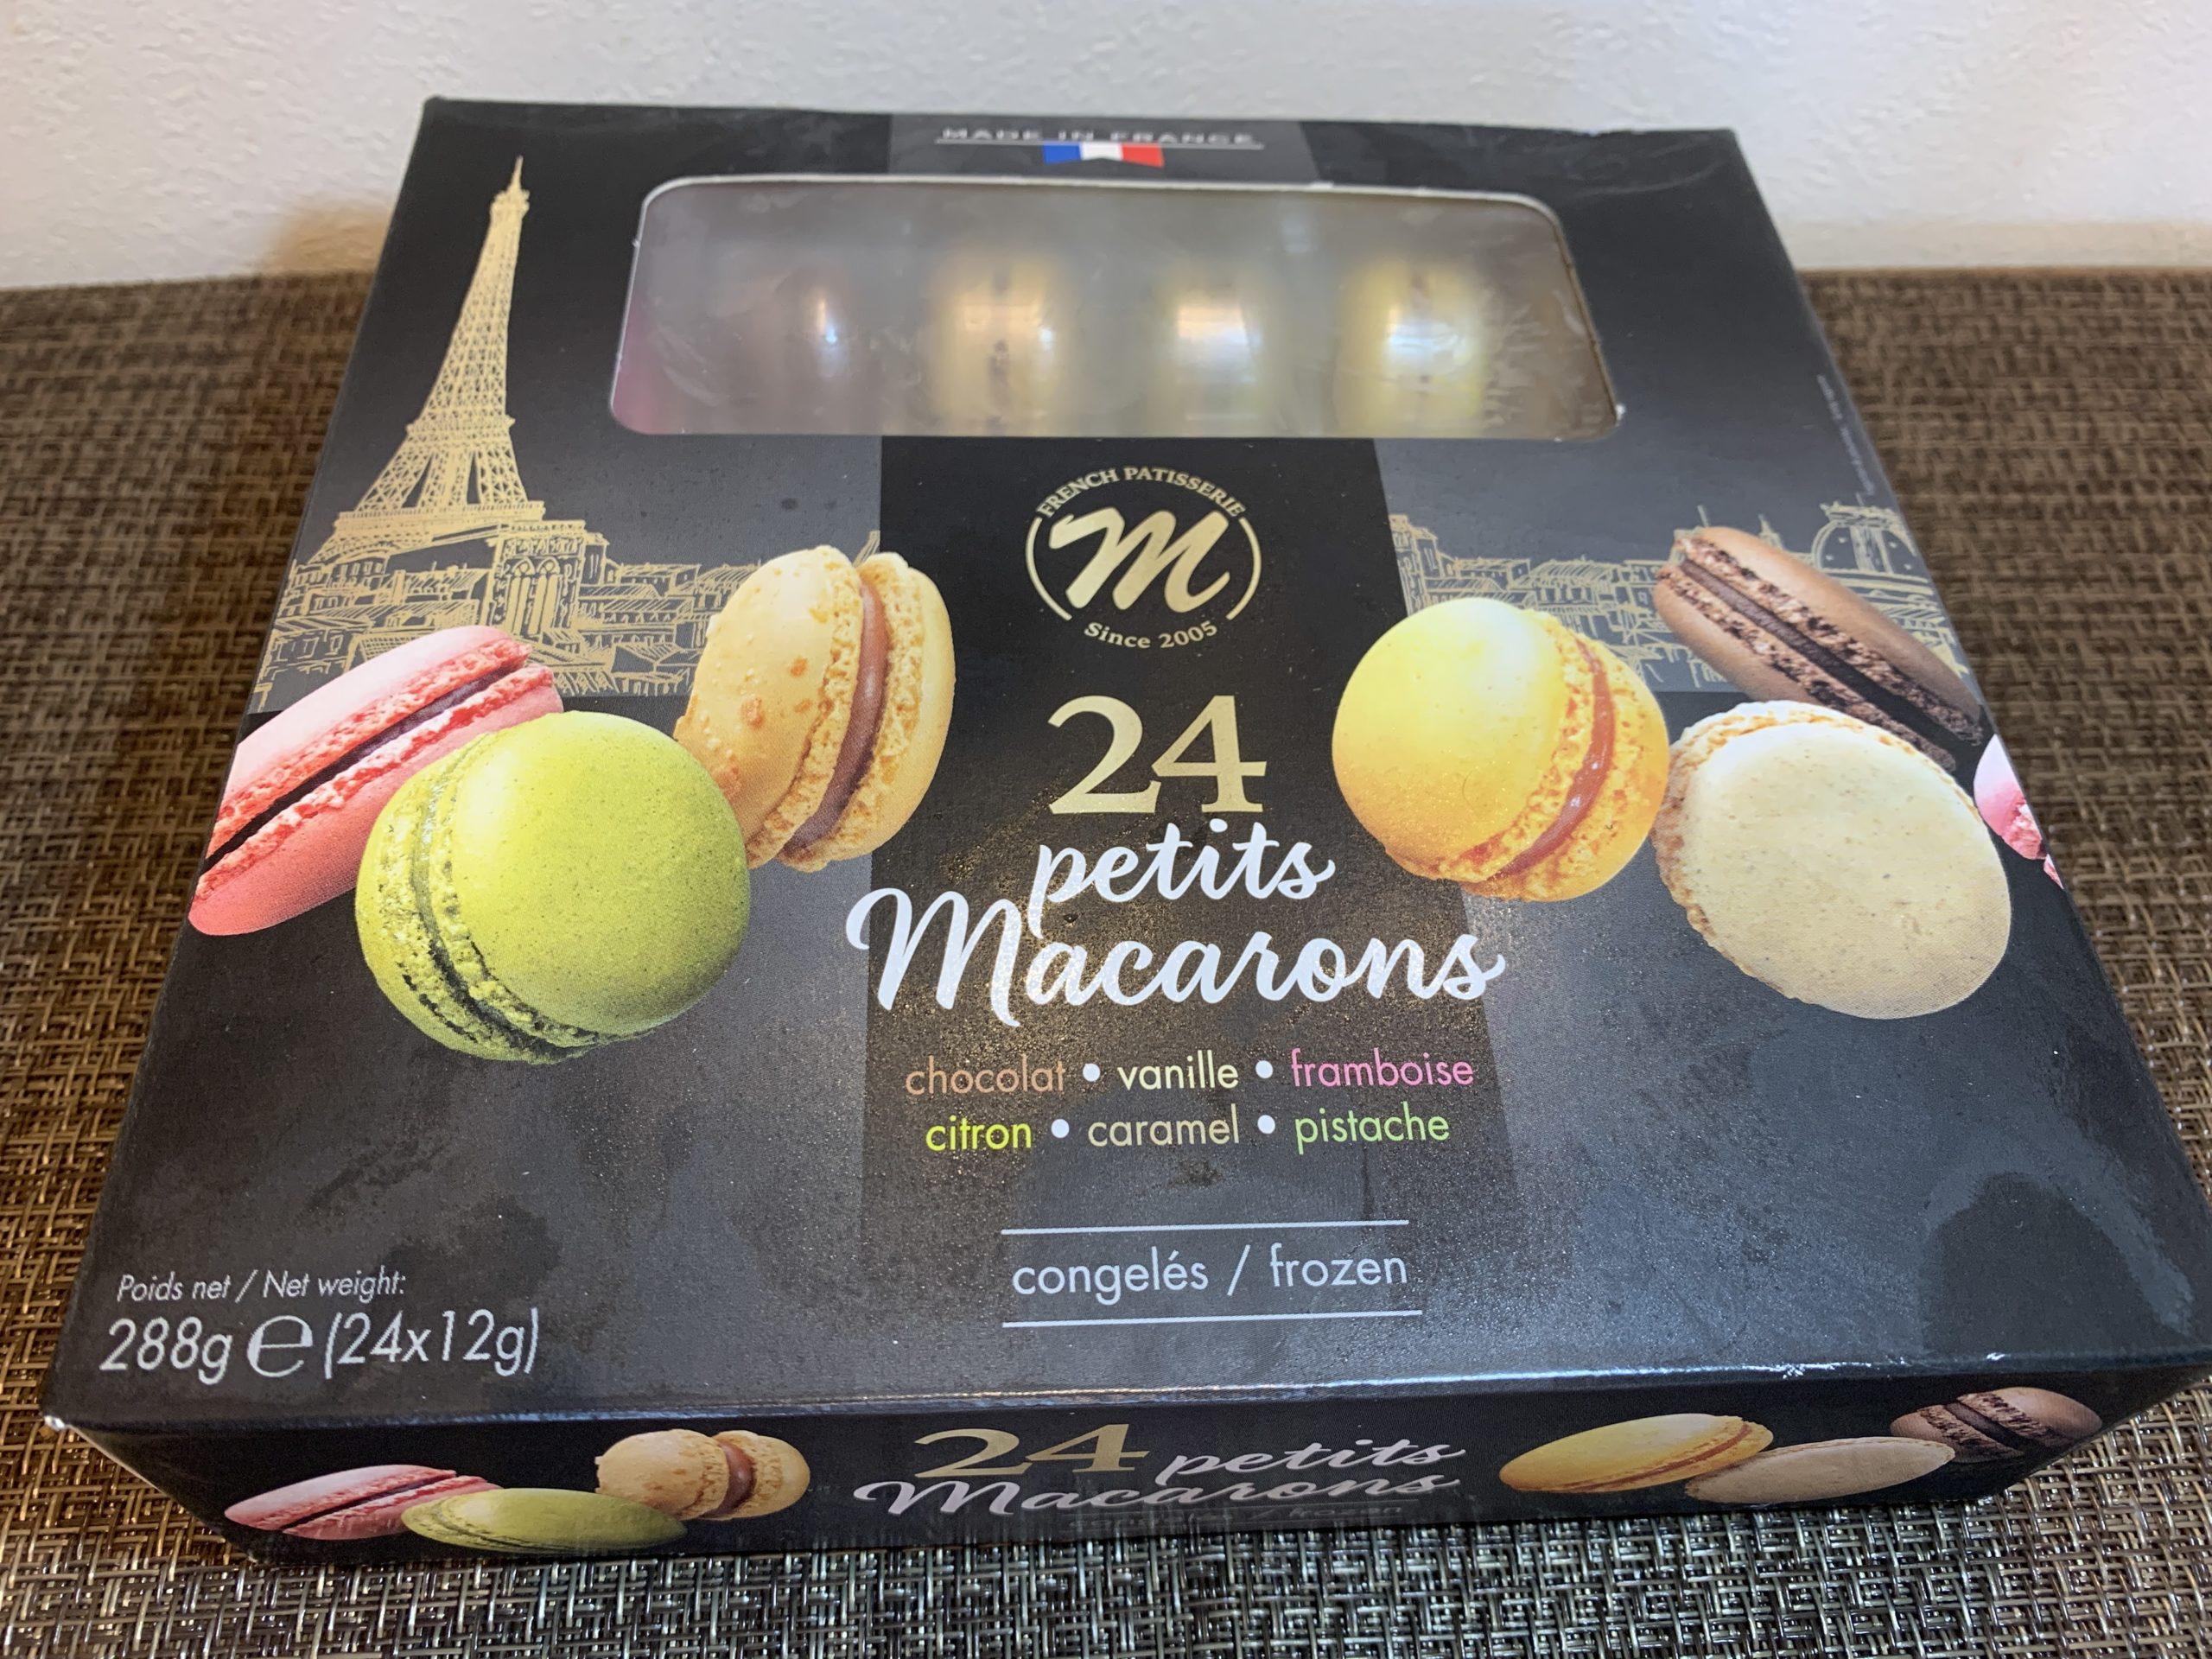 コストコのマカロンは美味しい?値段やカロリー・原材料名は?